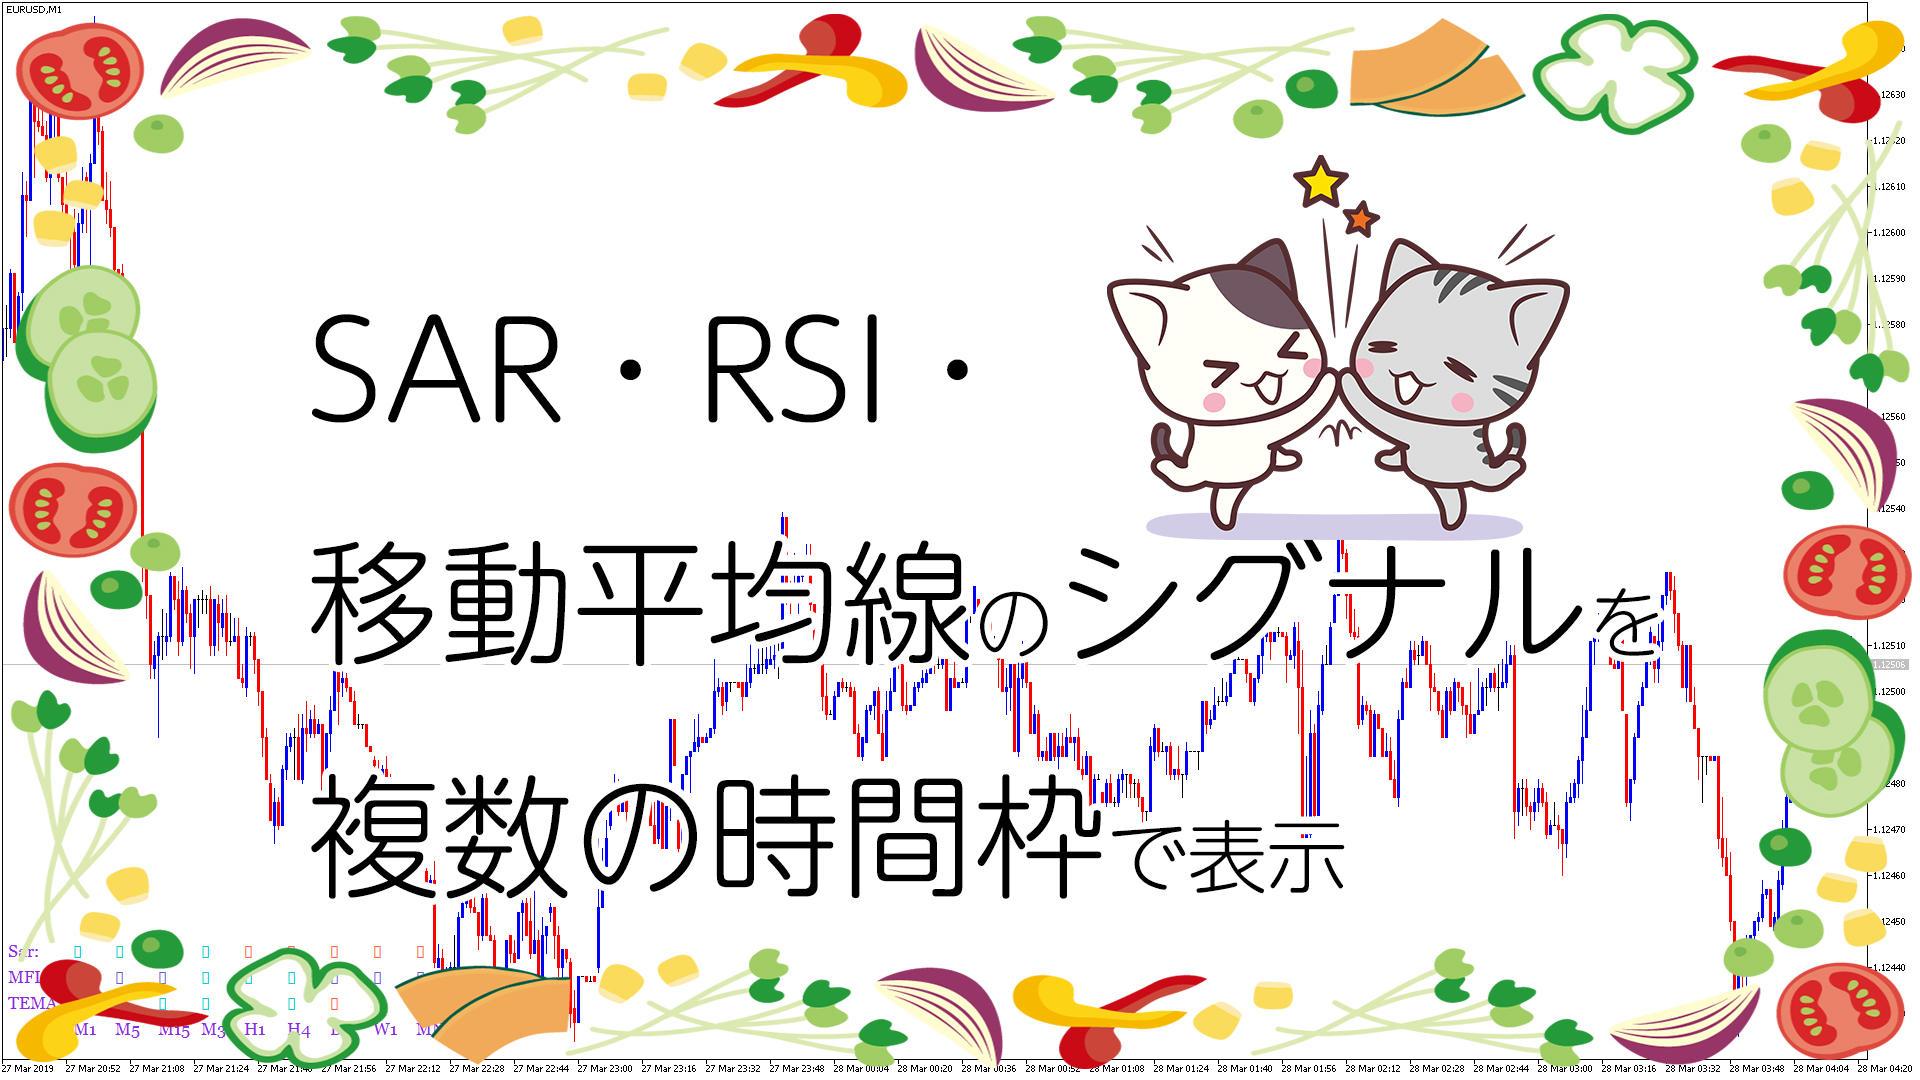 SAR・RSI・移動平均線のシグナルを複数の時間枠で表示するMT5インジケータ-「SignalTable_Sar_RSI_MA」